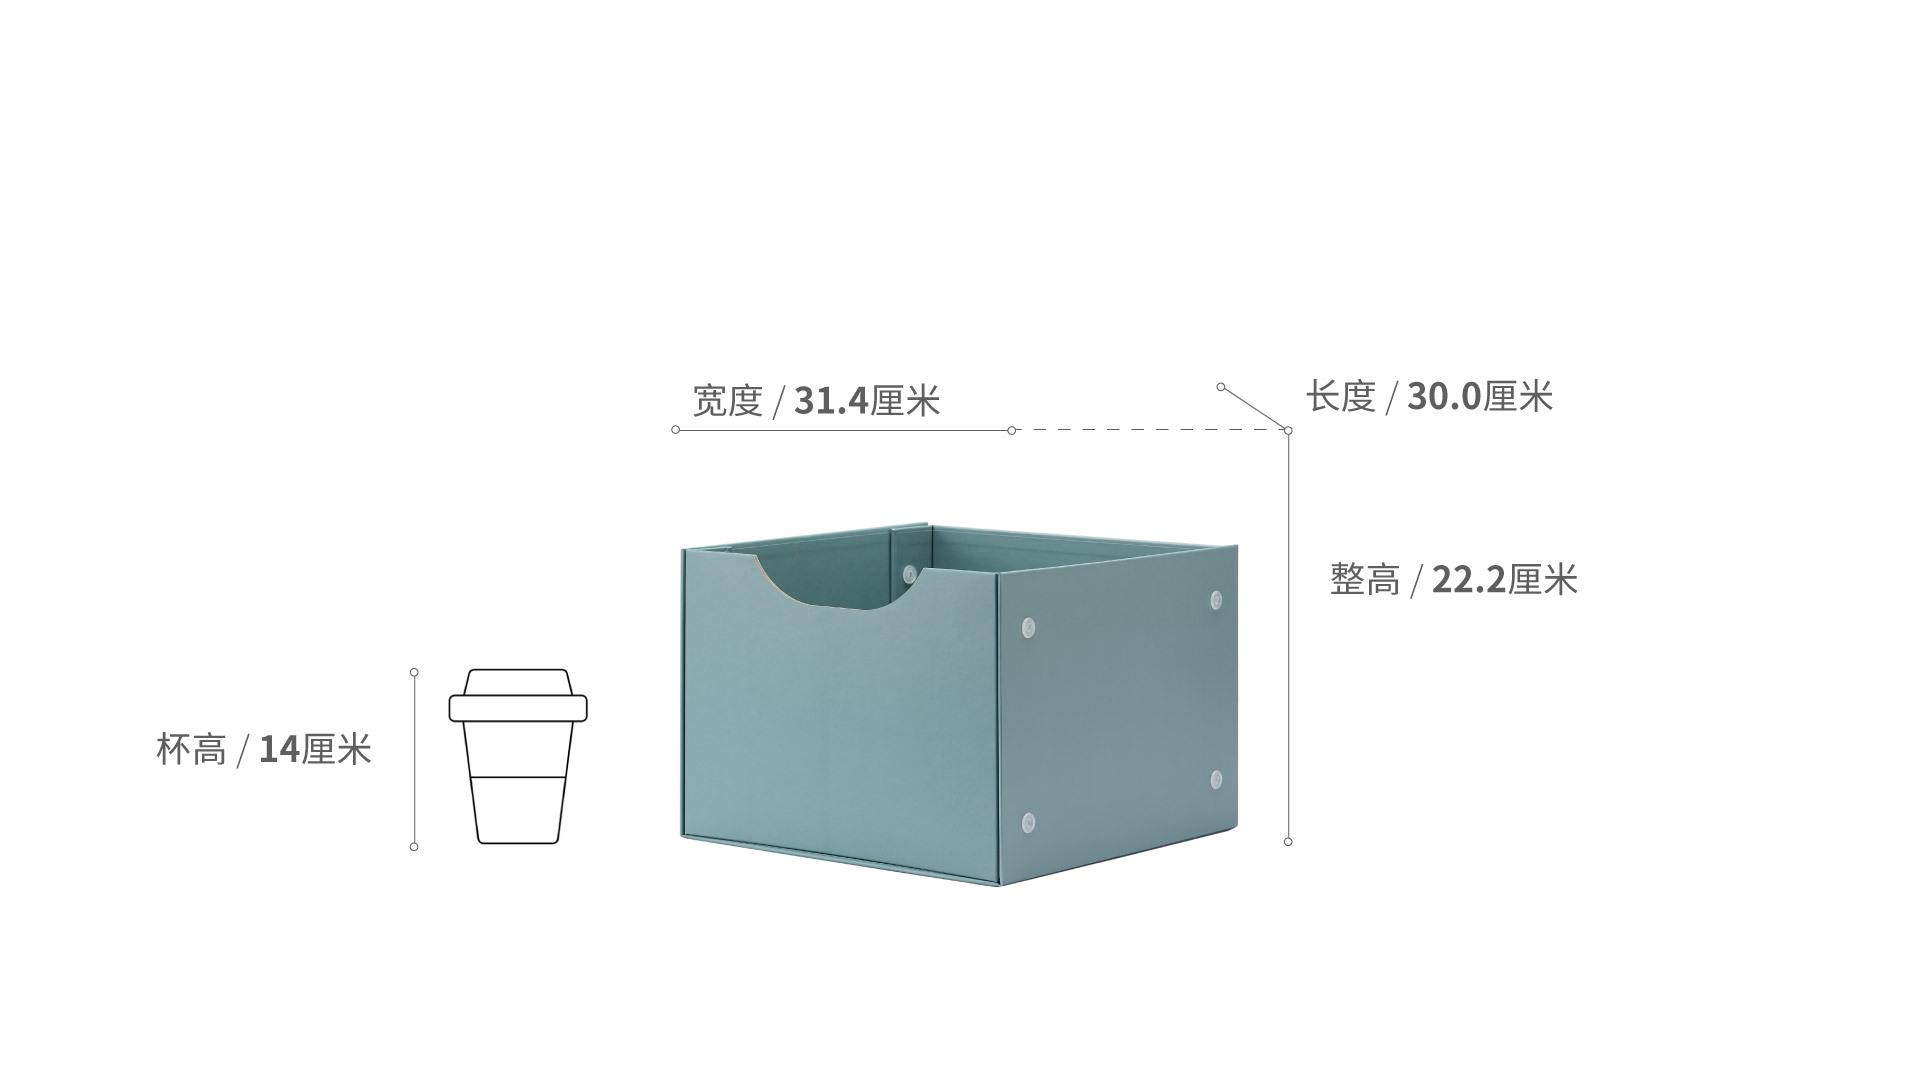 魔方磁力收纳系润绿抽屉B柜架效果图